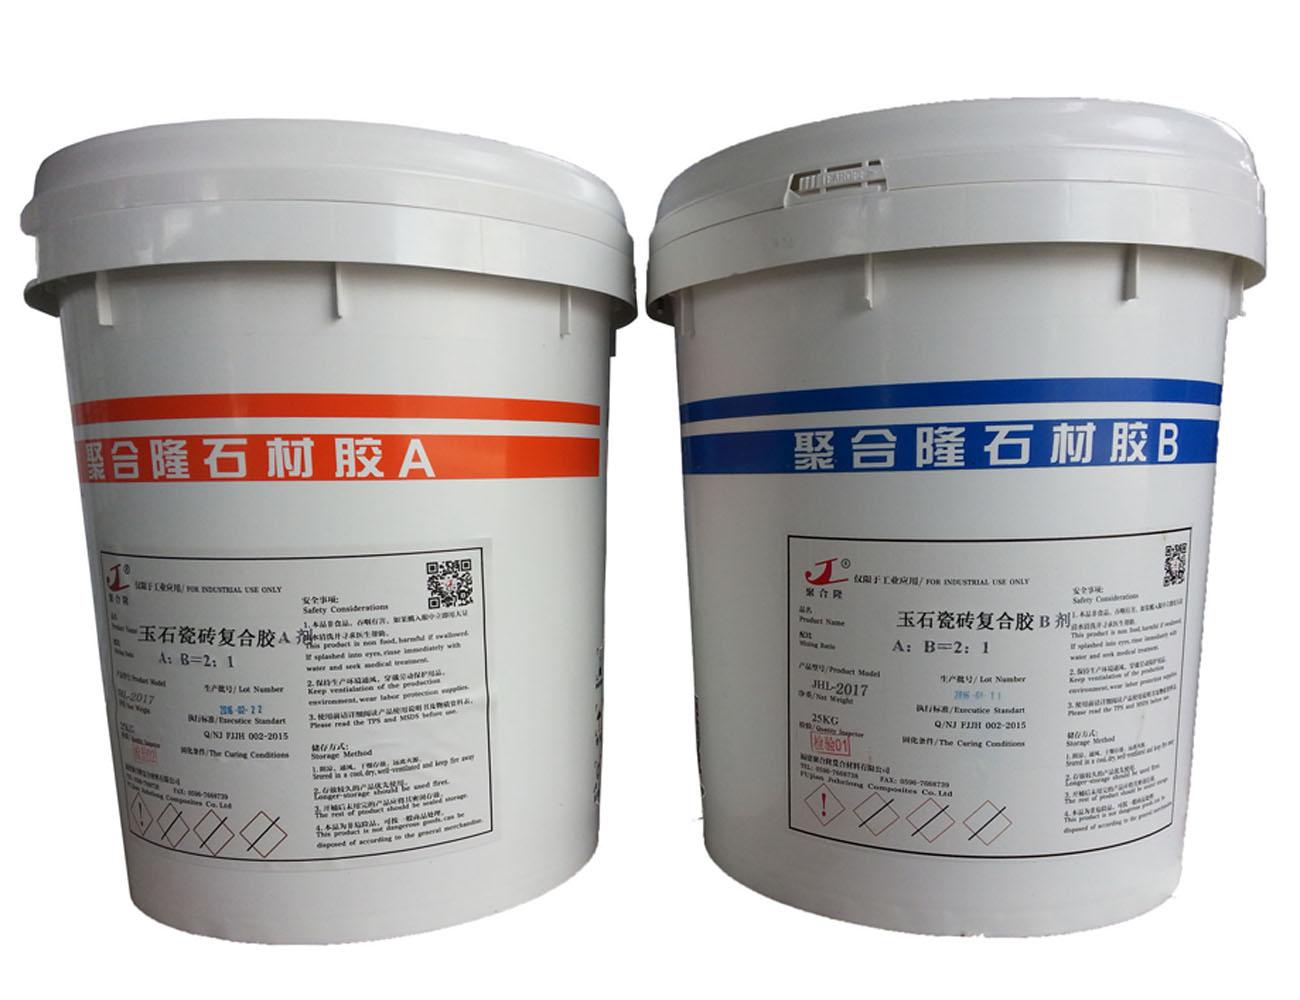 福建聚合隆复合材料有限公司专业生产石材胶